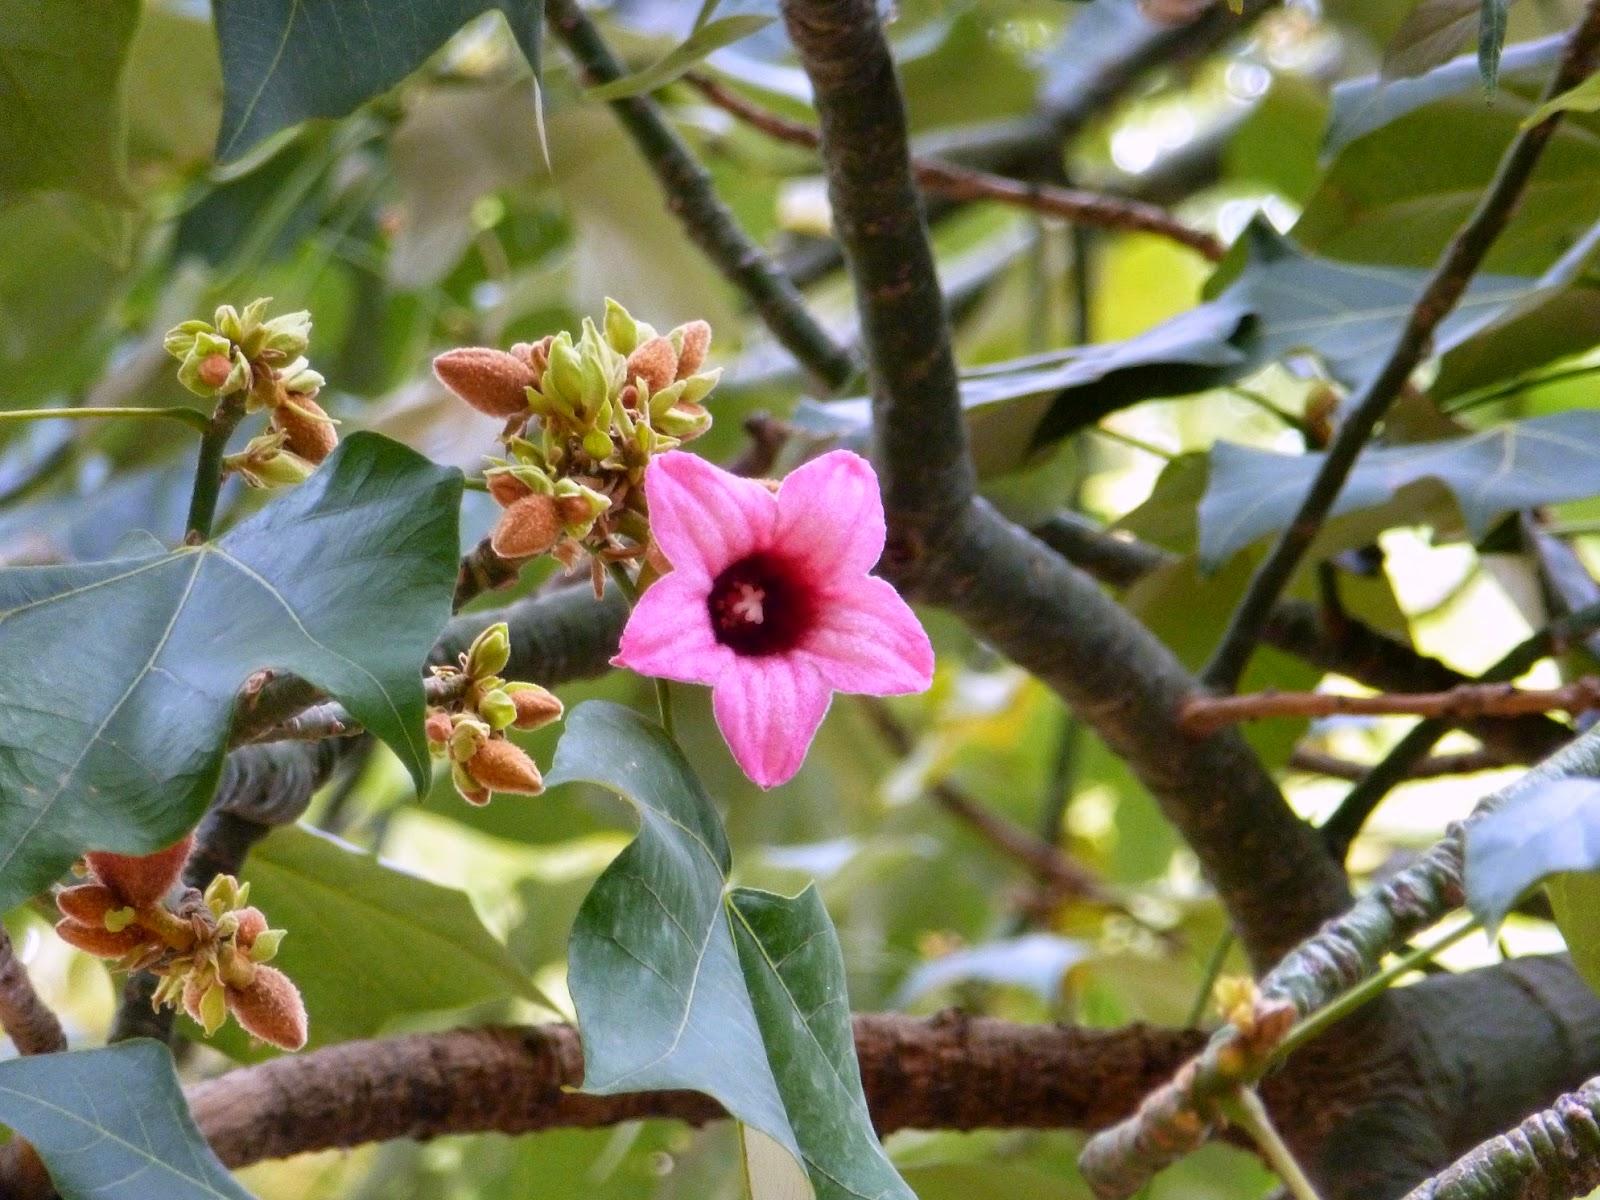 Rboles con alma arbol botella rosa brachychiton discolor - Arbol de rosas ...